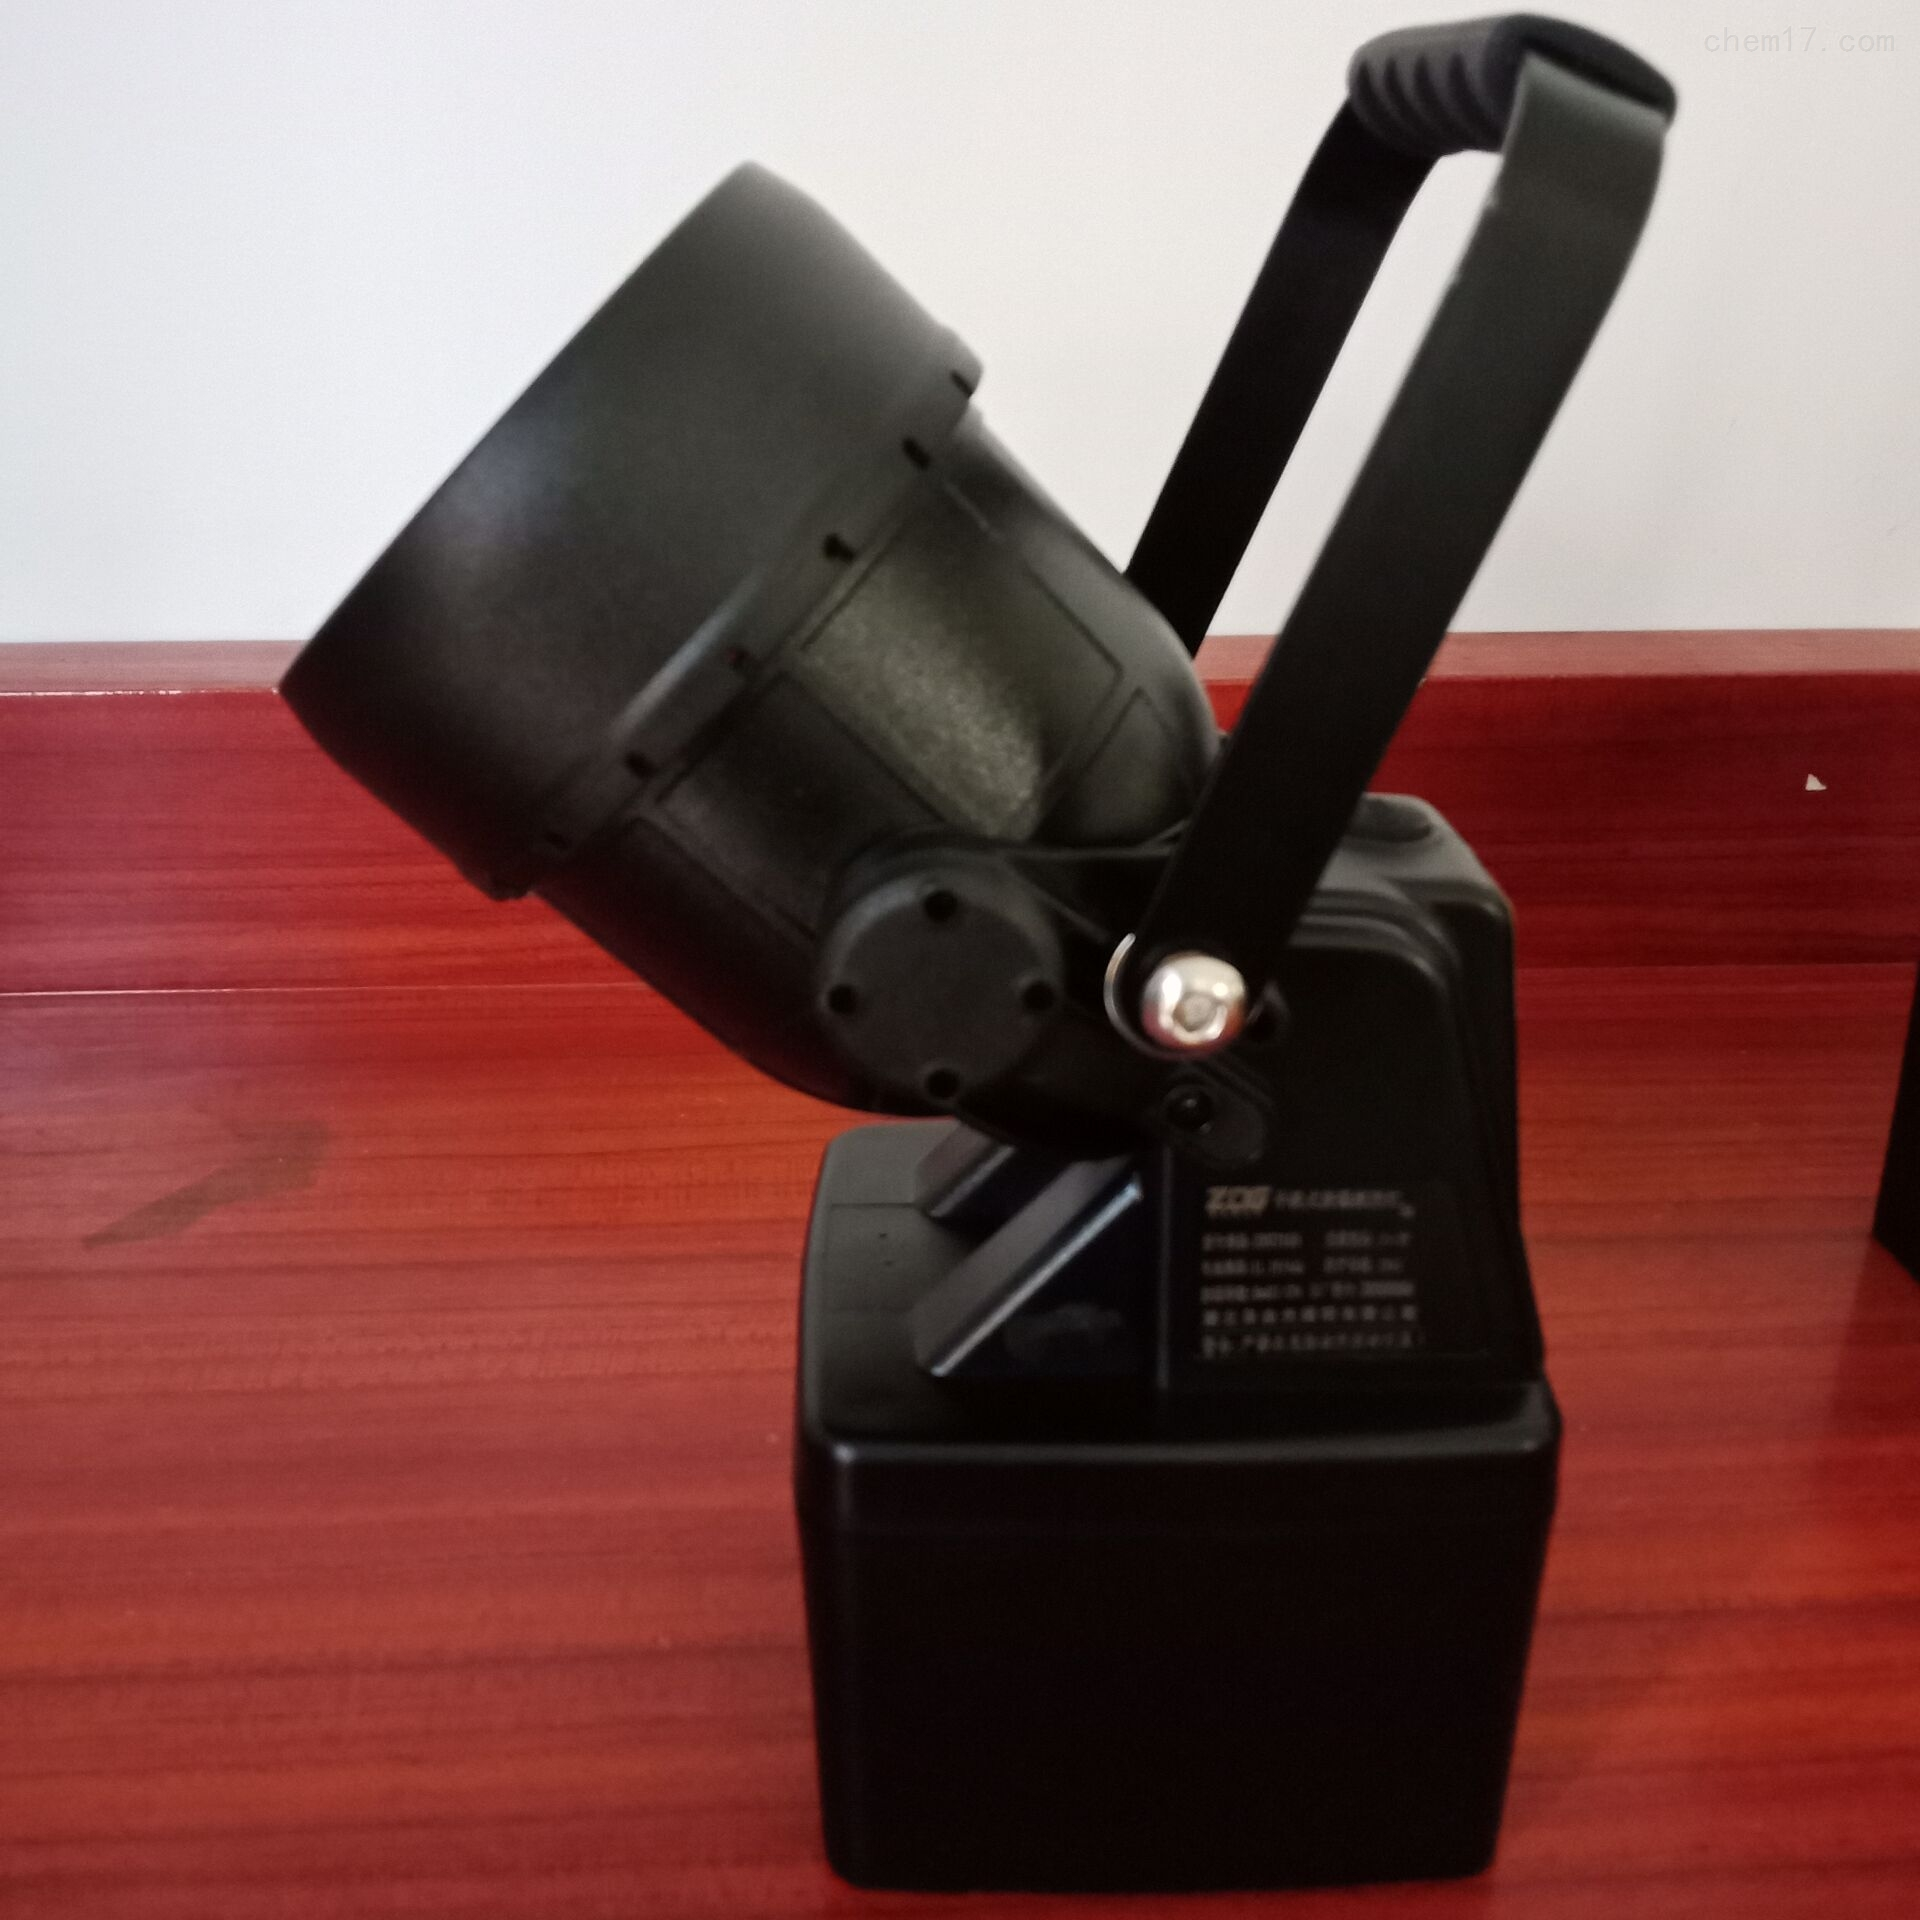 山西省TME2555-J船舶检修吸铁式防爆手提灯